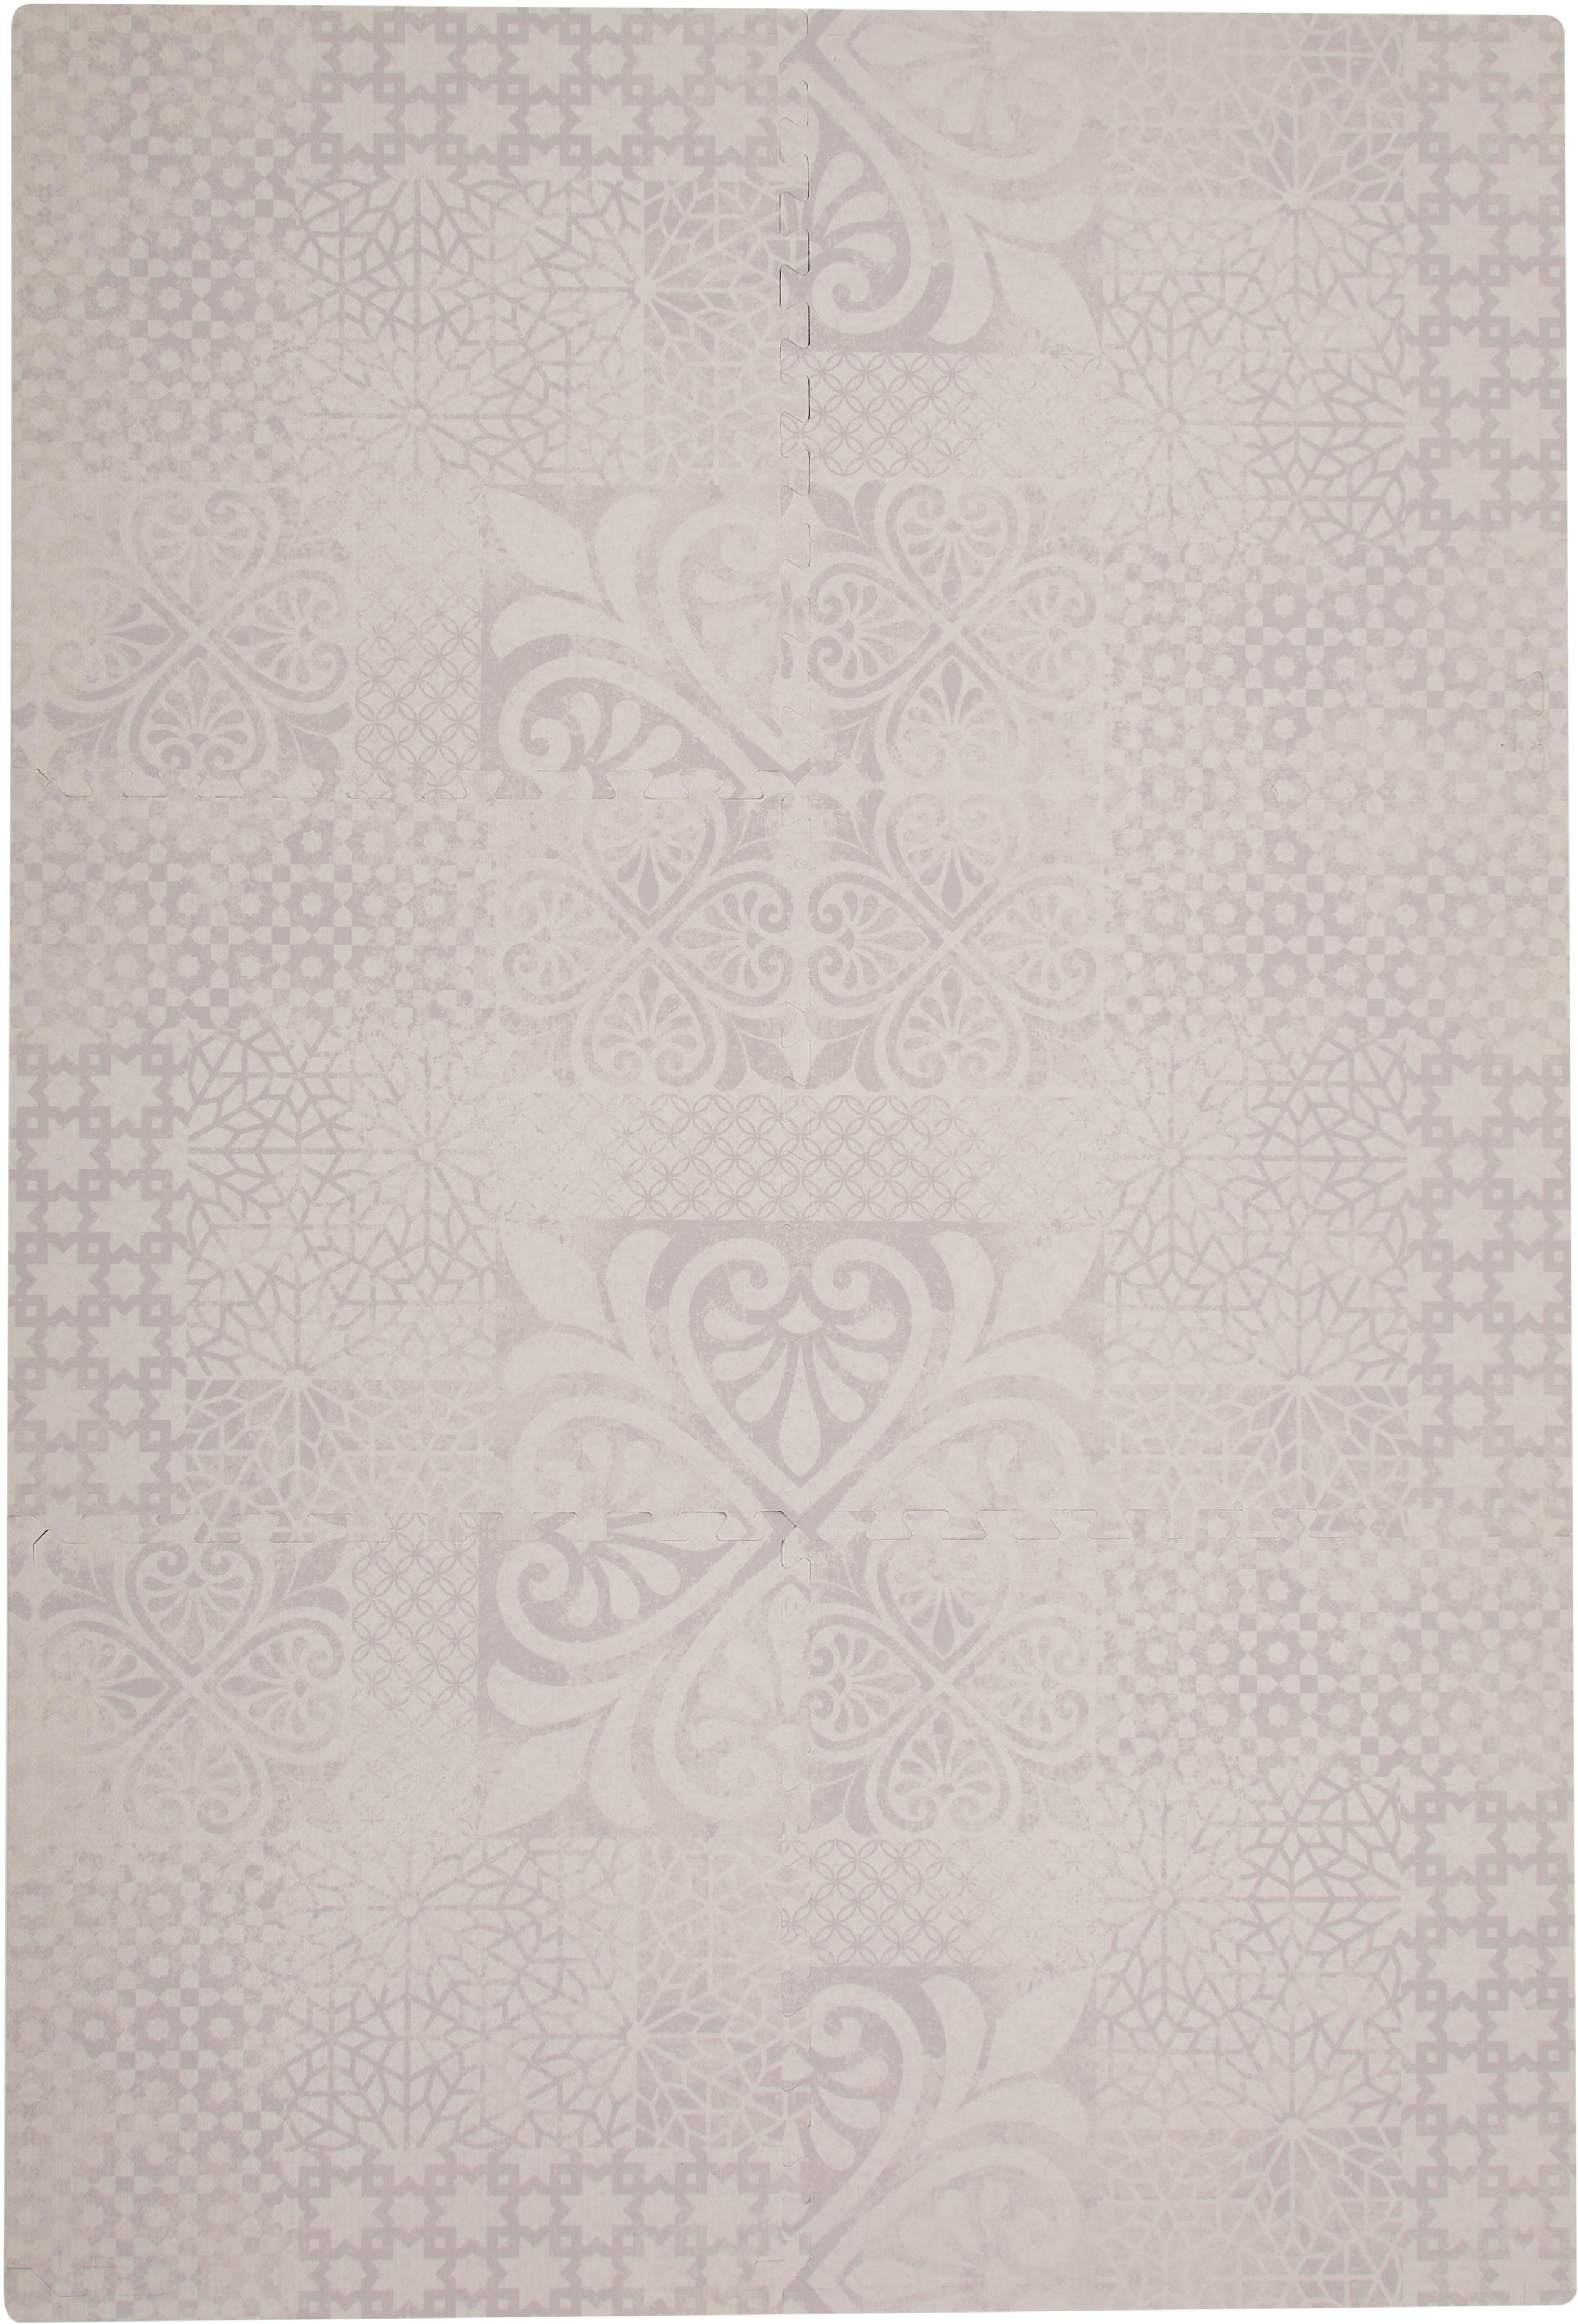 Set tappetino da gioco persiano, 18 pz, Schiuma (EVAC), priva di sostanze inquinanti, Beige, Larg. 120 x Lung. 180 cm